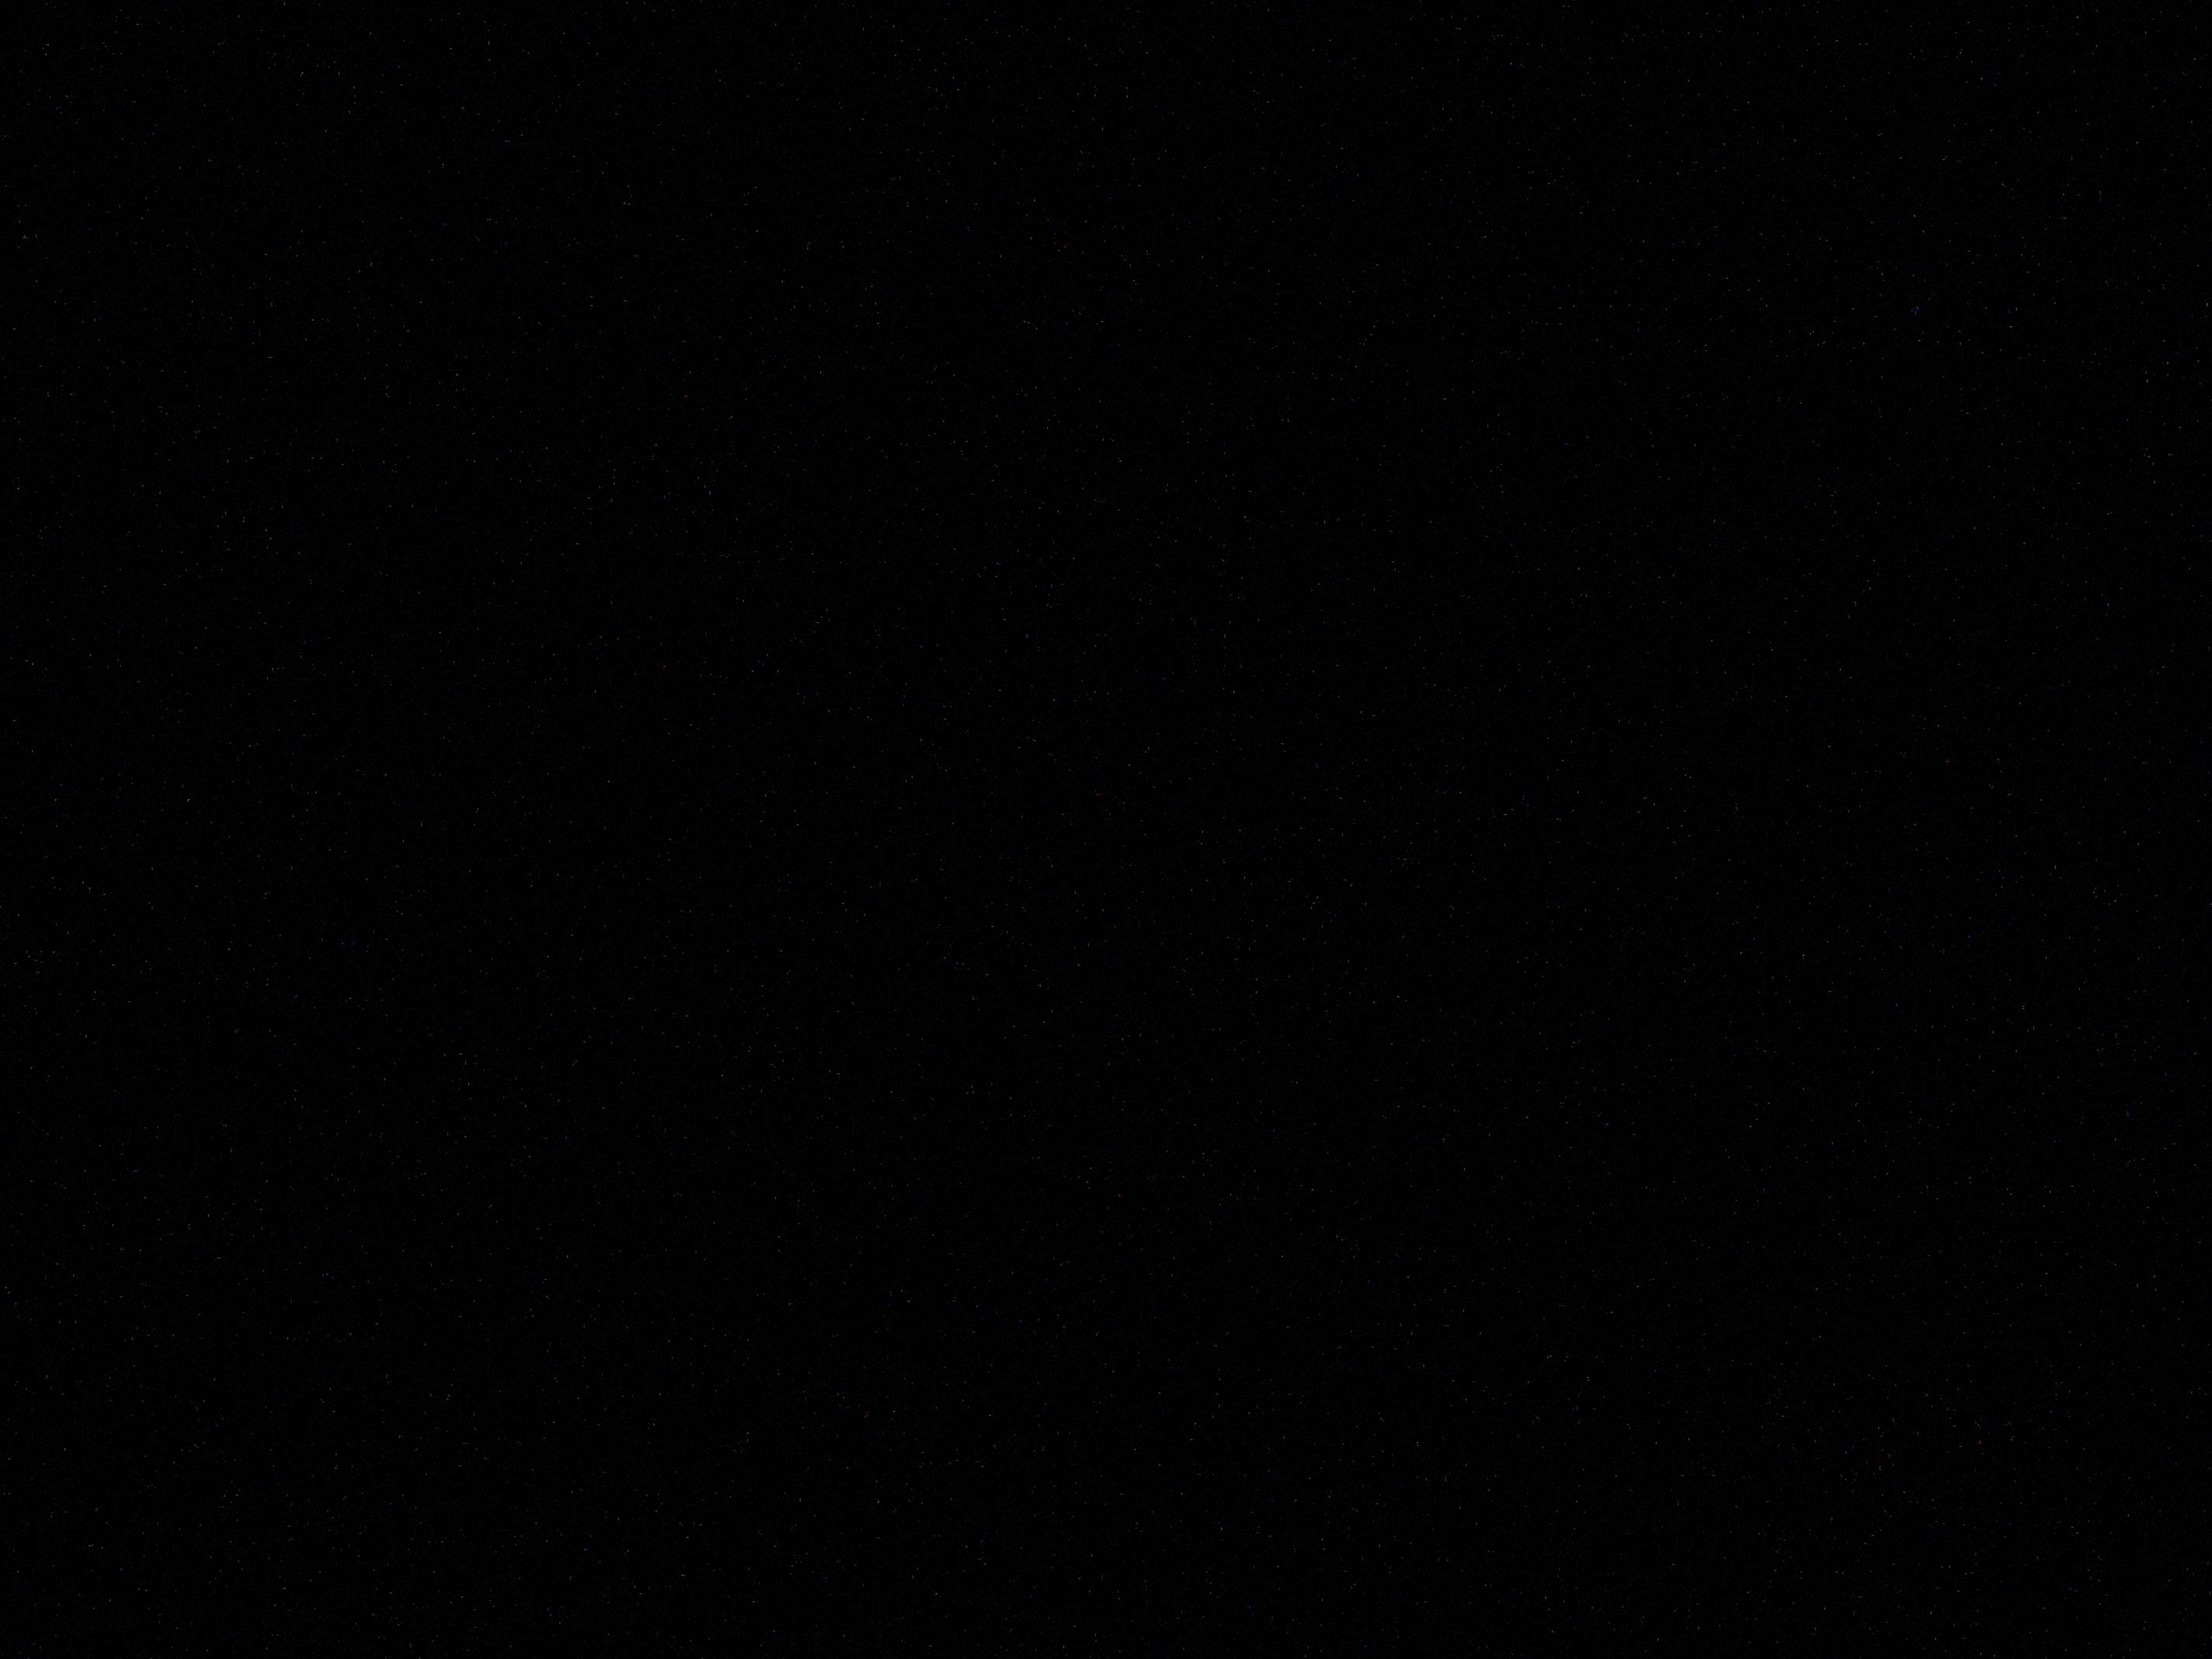 чёрный фон без рисунка картинки